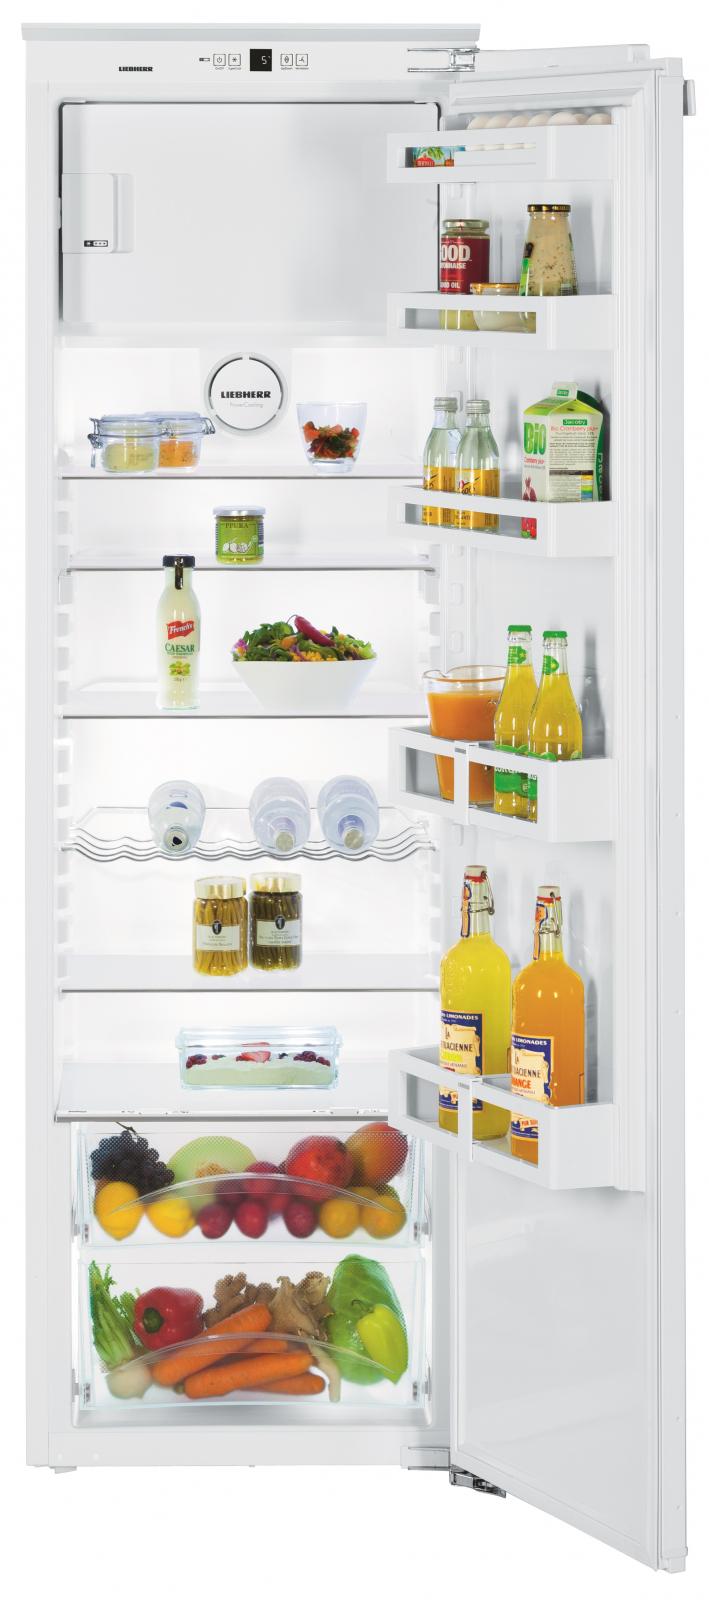 купить Встраиваемый однокамерный холодильник Liebherr IK 3524 Украина фото 0